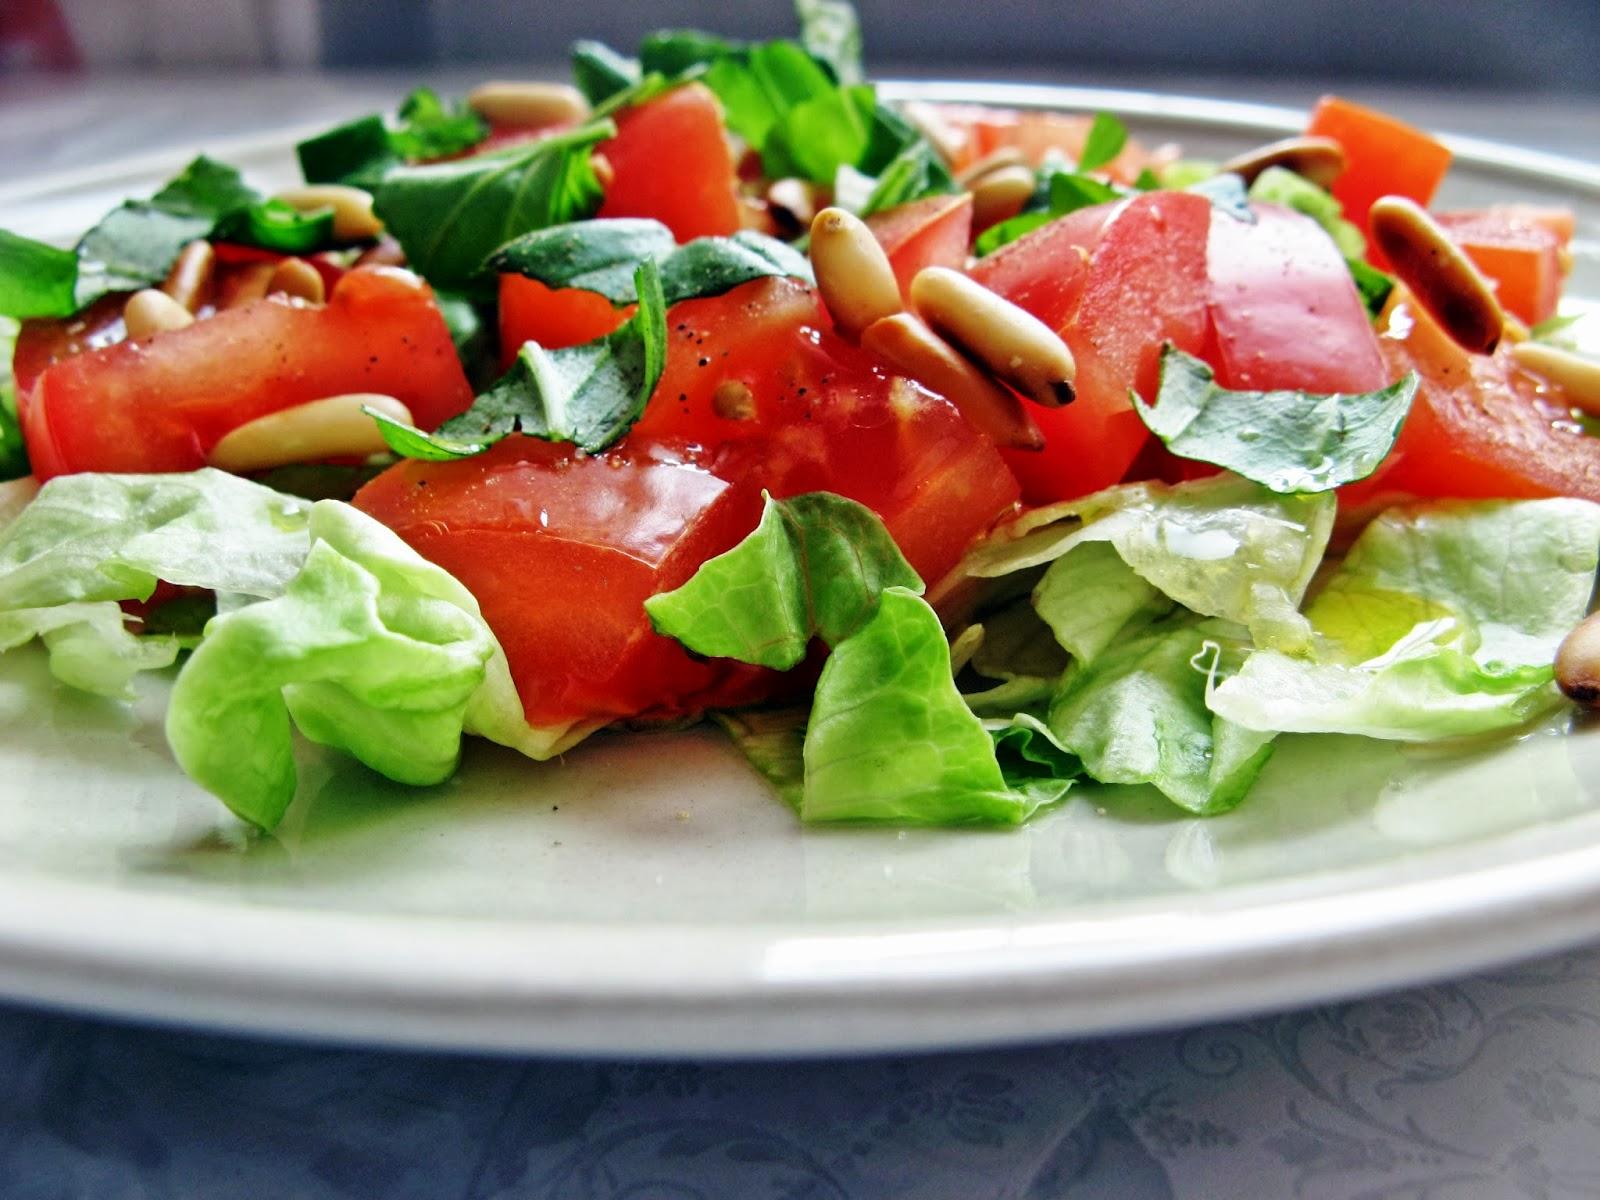 Lekka sałatka z pomidorem, bazylią i orzechami pinii